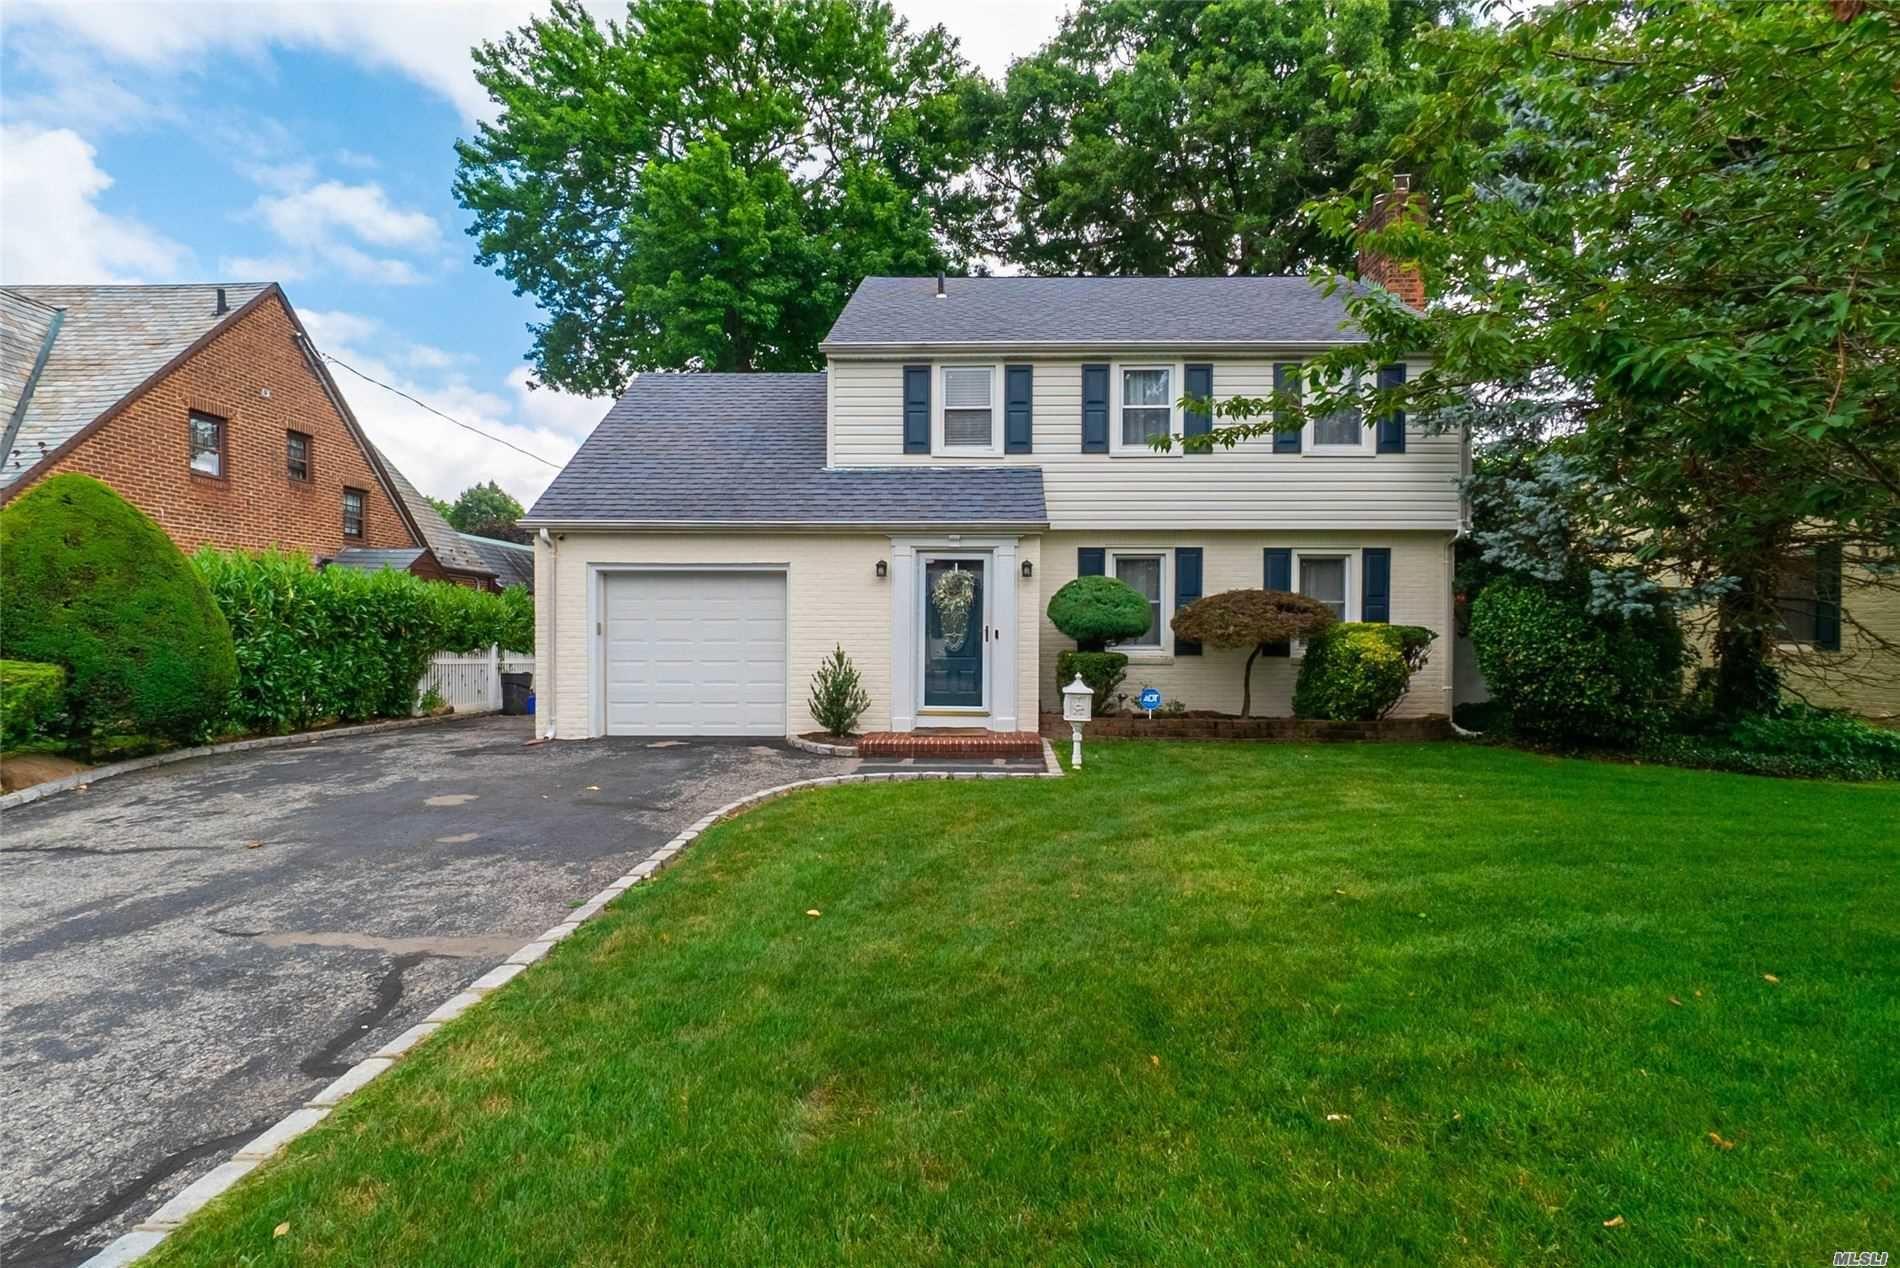 142 Bedell Ave, Hempstead, NY 11550 - MLS#: 3230500